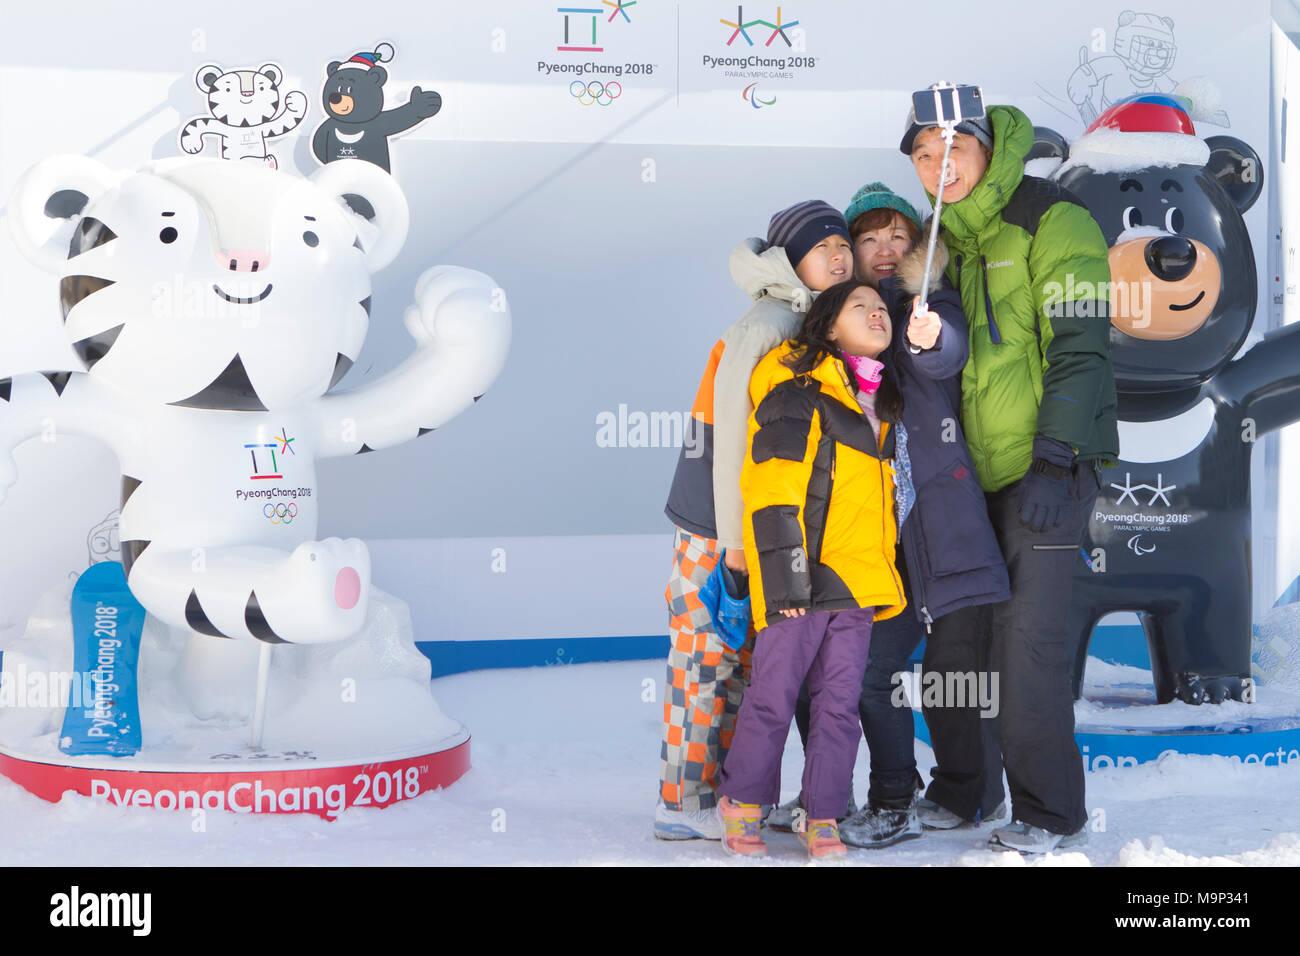 Eine Familie ist eine Gruppe selfie in Alpensia Resort, mit den beiden Maskottchen (Soohorang und Bandabi) der olympischen Winterspiele und Paralympics 2018. Die alpensia Resort ist ein Skigebiet und eine touristische Attraktion. Es ist auf dem Gebiet der Gemeinde von daegwallyeong-myeon befindet sich in der Grafschaft von Pyeongchang, die Olympischen Winterspiele hosting im Februar 2018. Das Skigebiet ist ca. 2,5 Stunden von Seoul oder Incheon Airport mit dem Auto, überwiegend alle Autobahn. Alpensia hat sechs Pisten für Ski und Snowboard, mit bis zu 1,4 km (0.87 mi) lang, für Anfänger und Fortgeschrittene, und ein Stockfoto